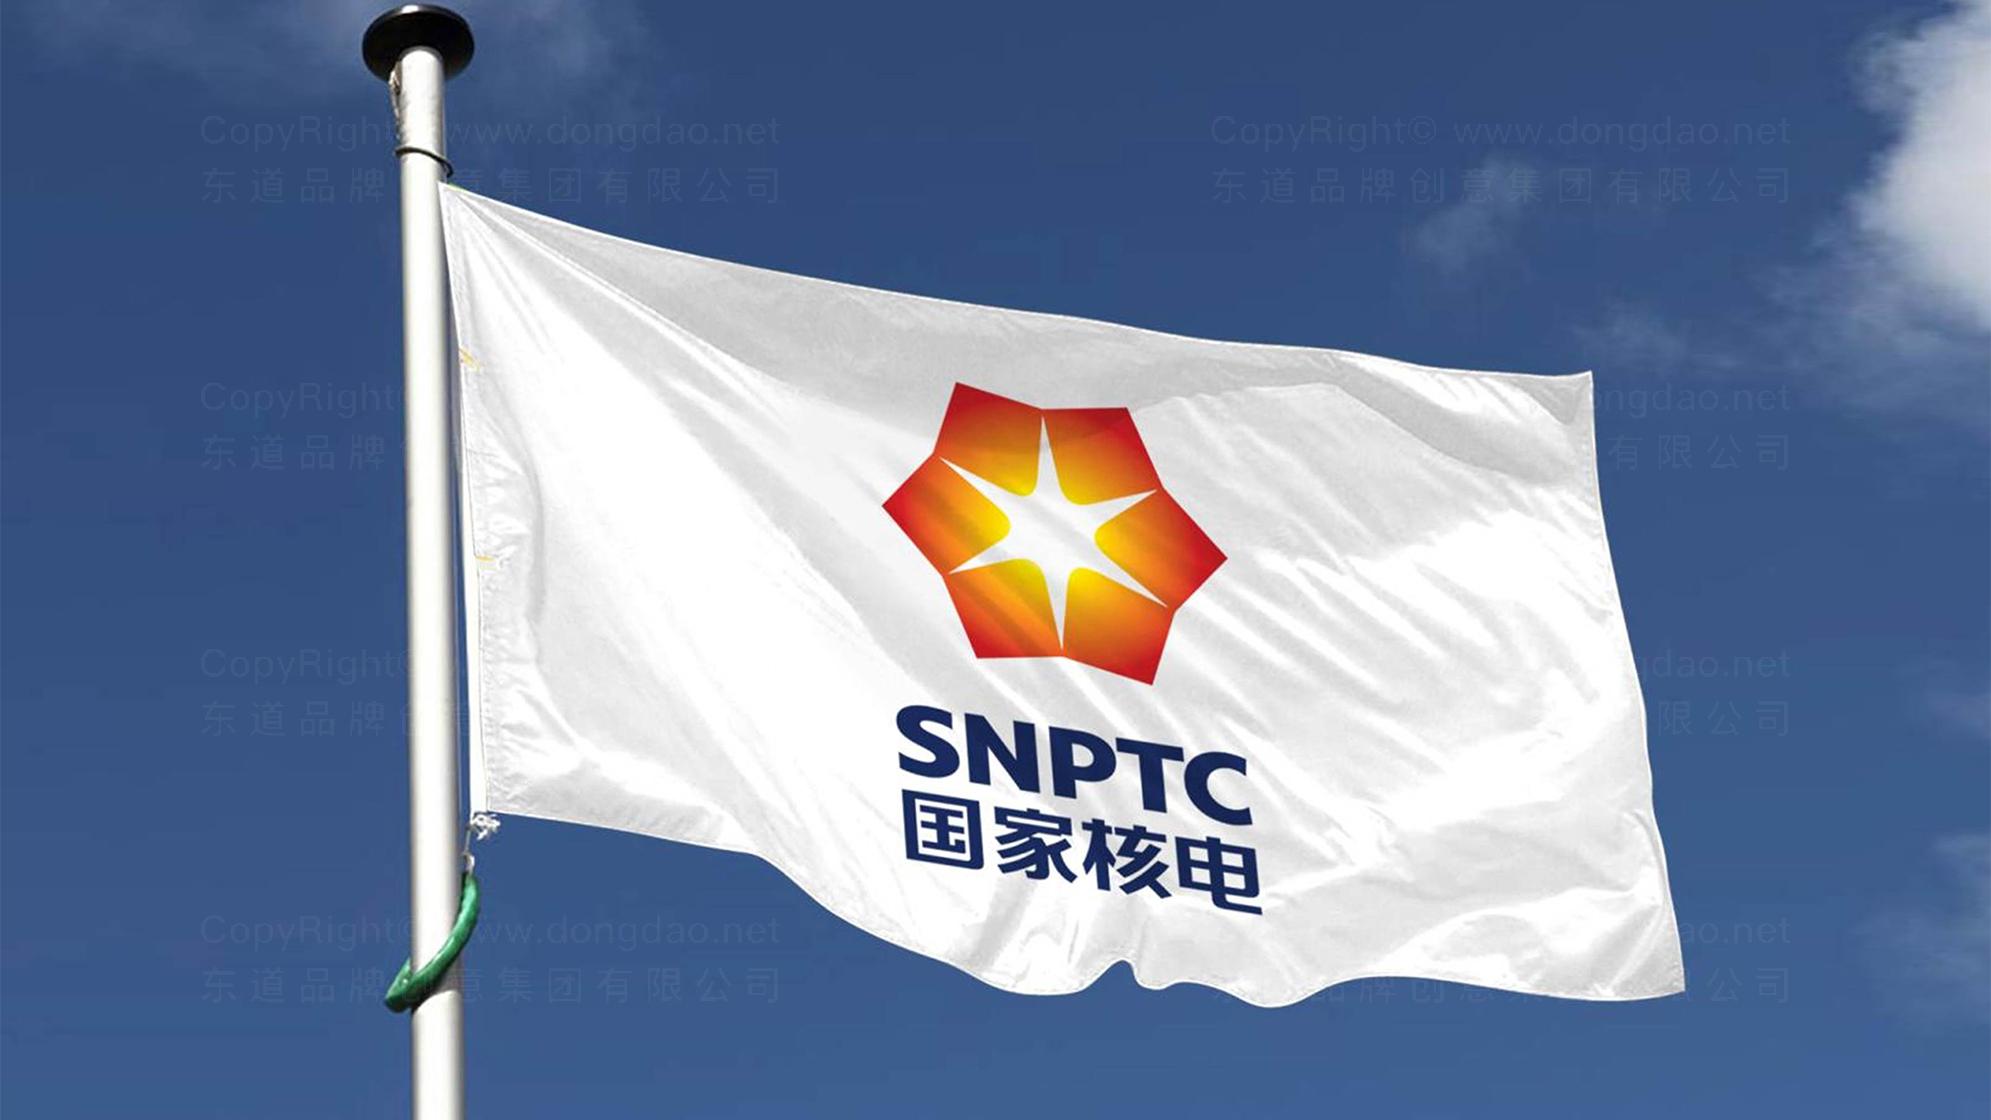 品牌设计国家核电标志设计应用场景_5